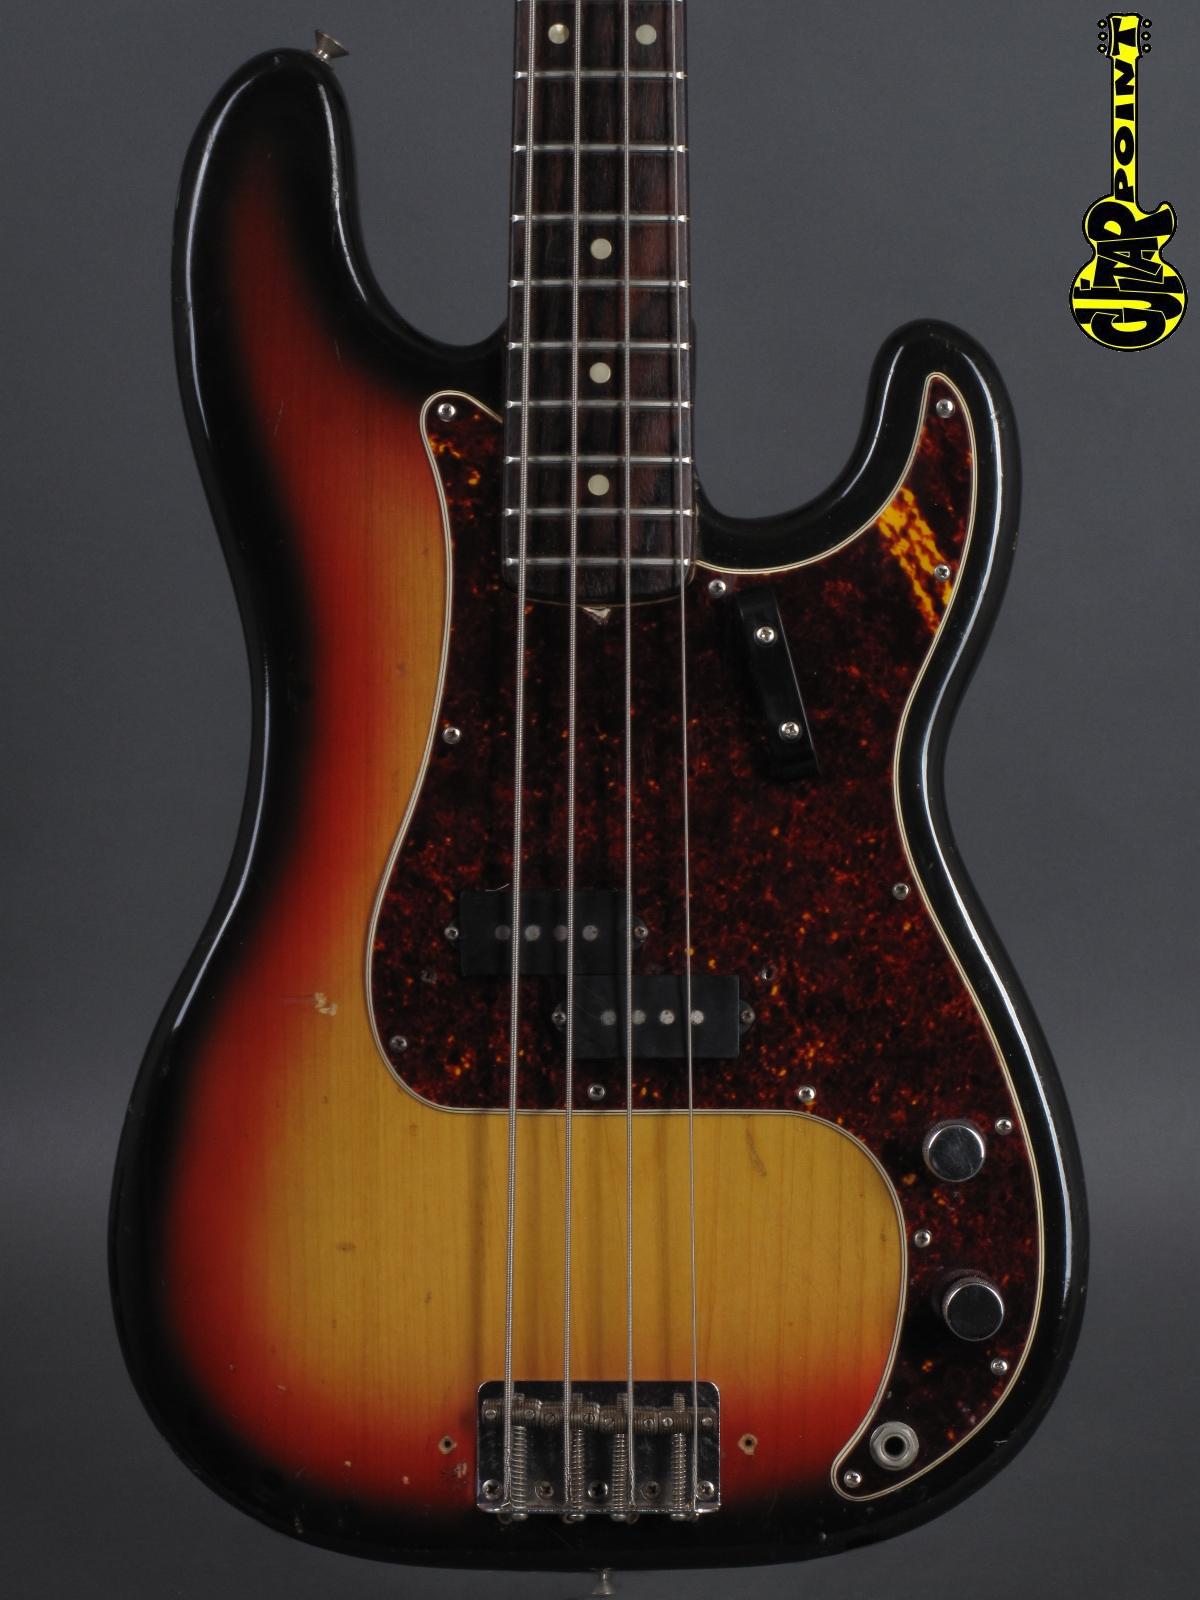 1968 Fender Precision Bass - 3t-Sunburst   ...only 3,81Kg !